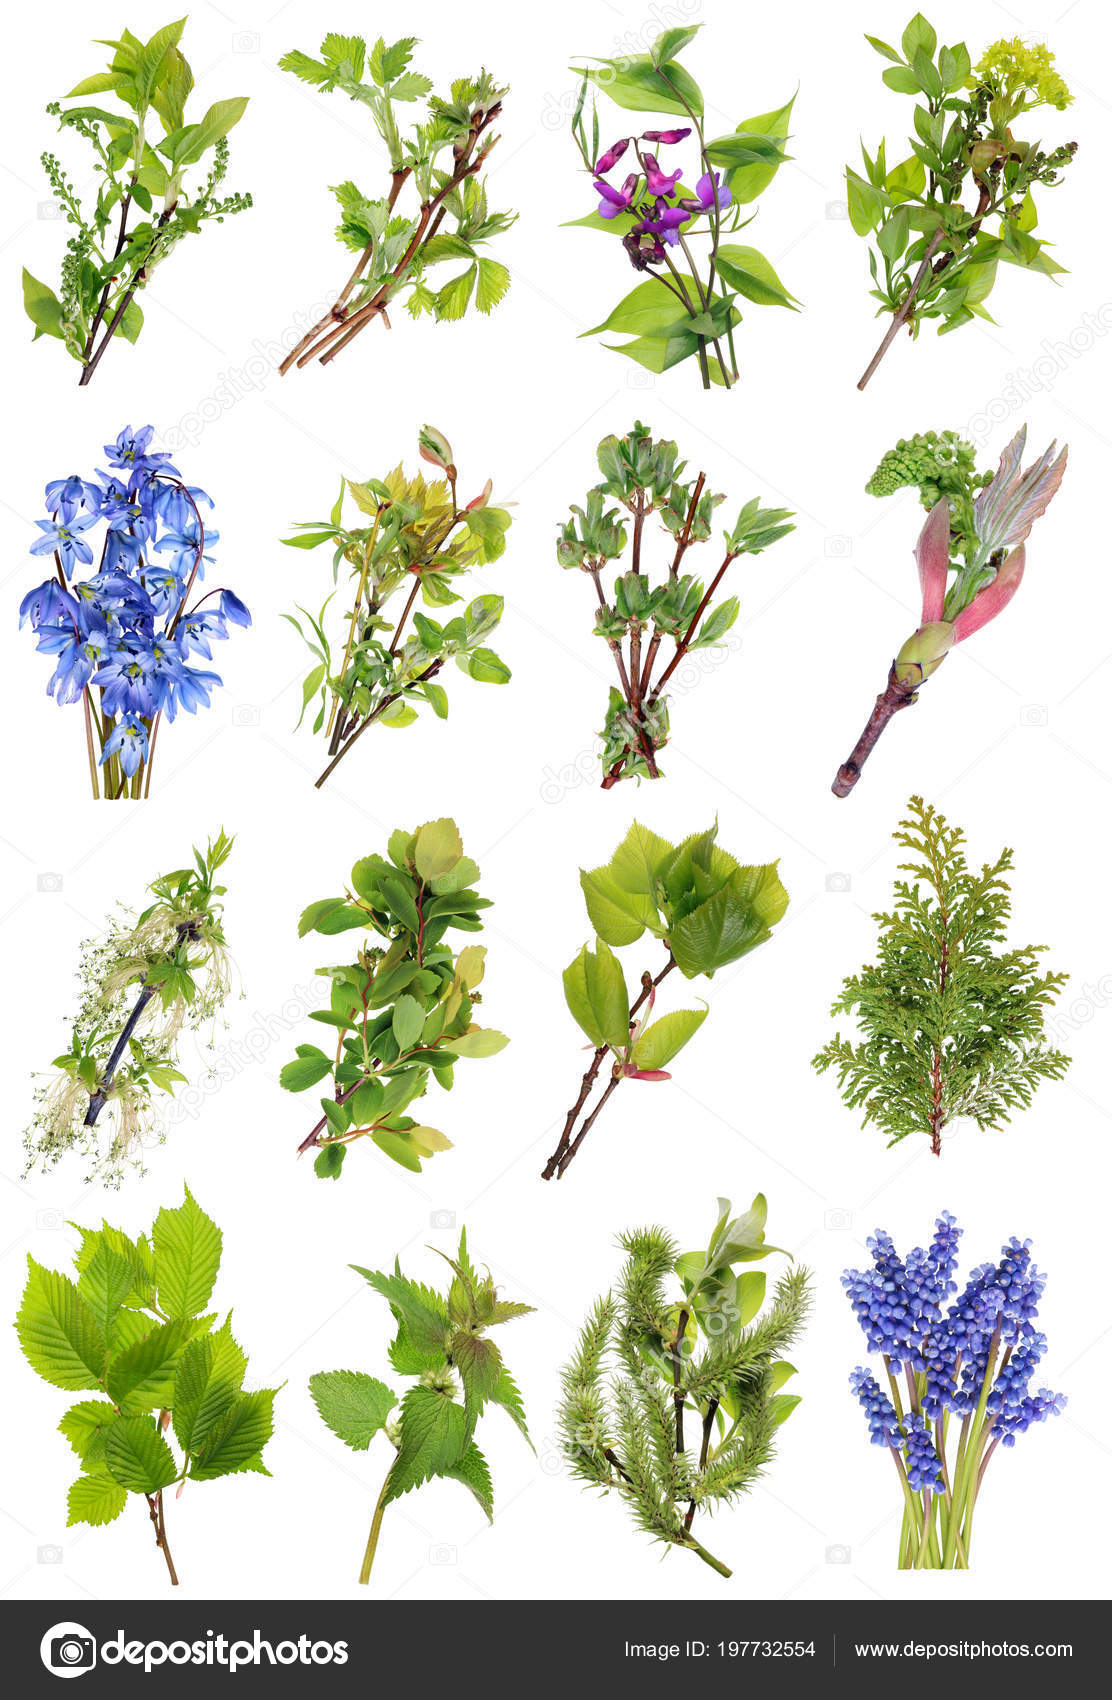 April Fruhling Europaischen Wildlebenden Pflanzen Und Blumen Gesetzt